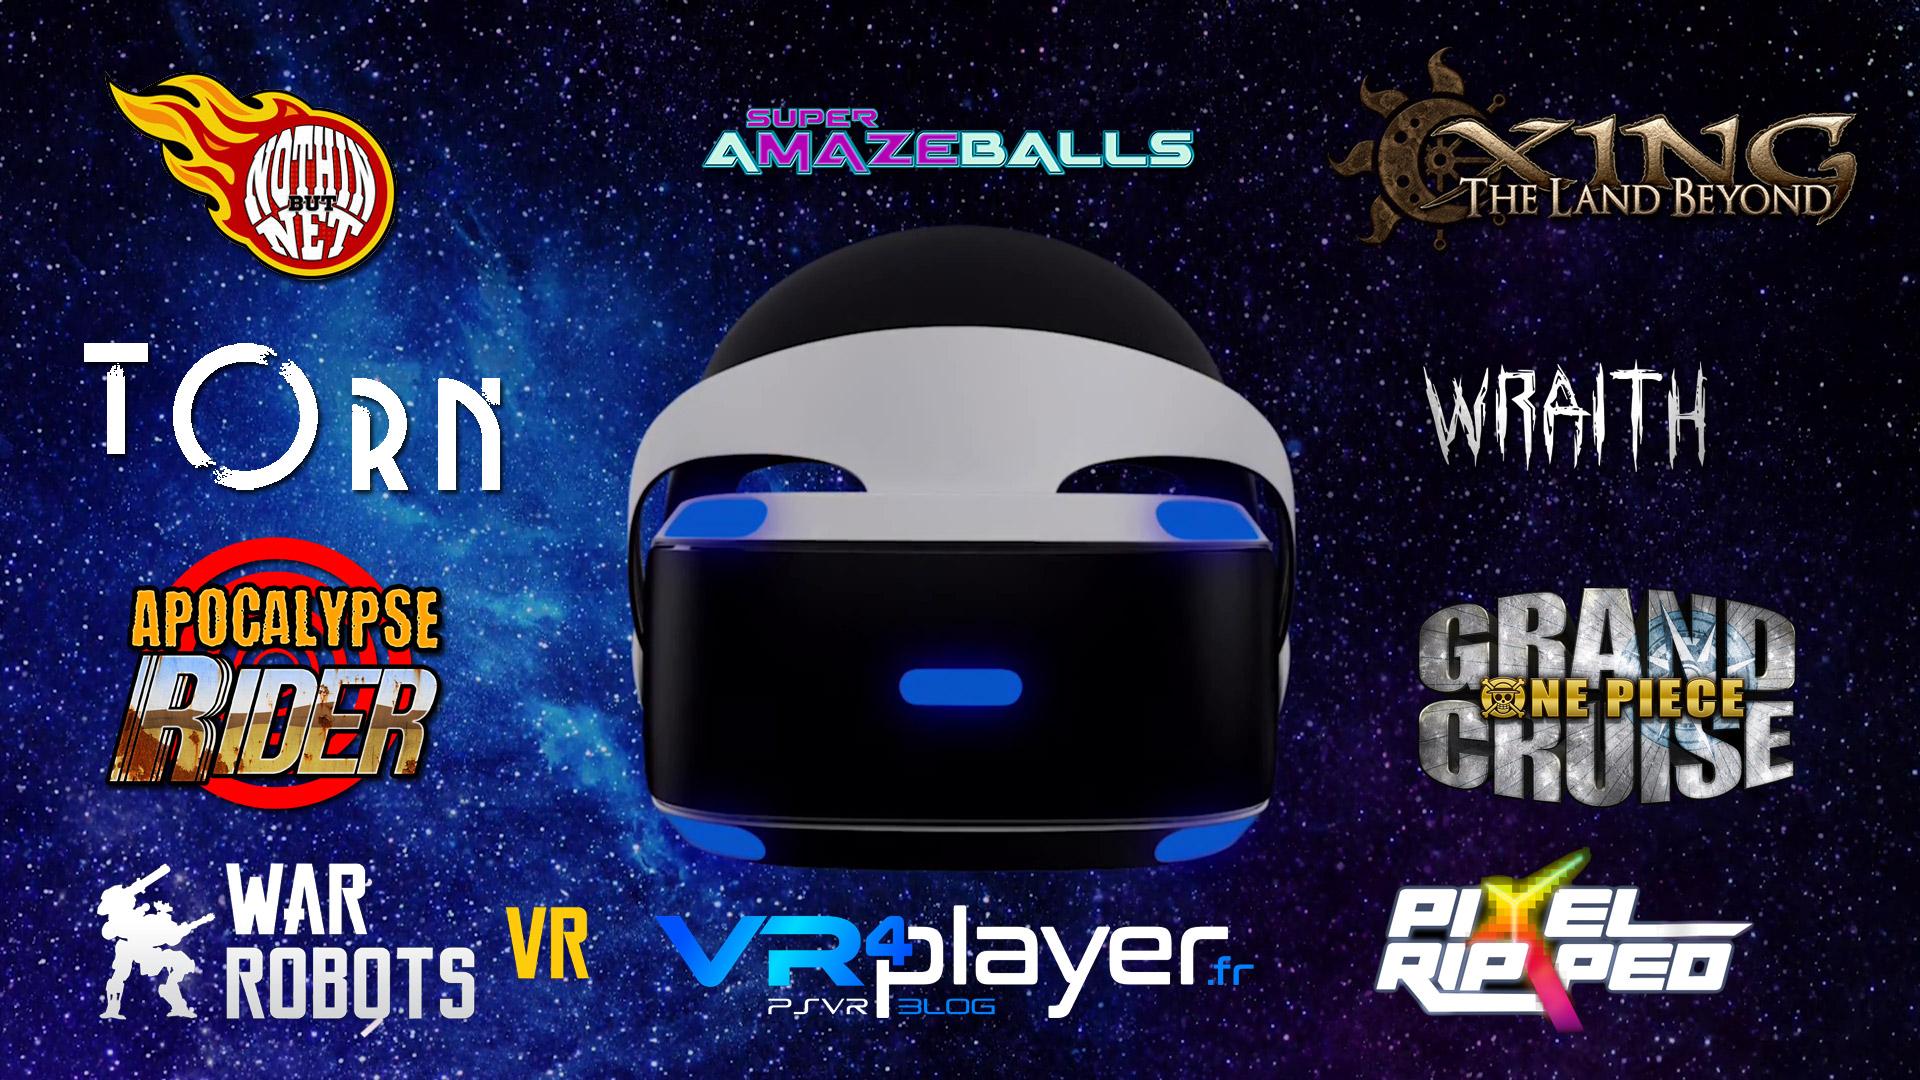 les jeux PSVR prévus avant l'E3 vr4player.fr